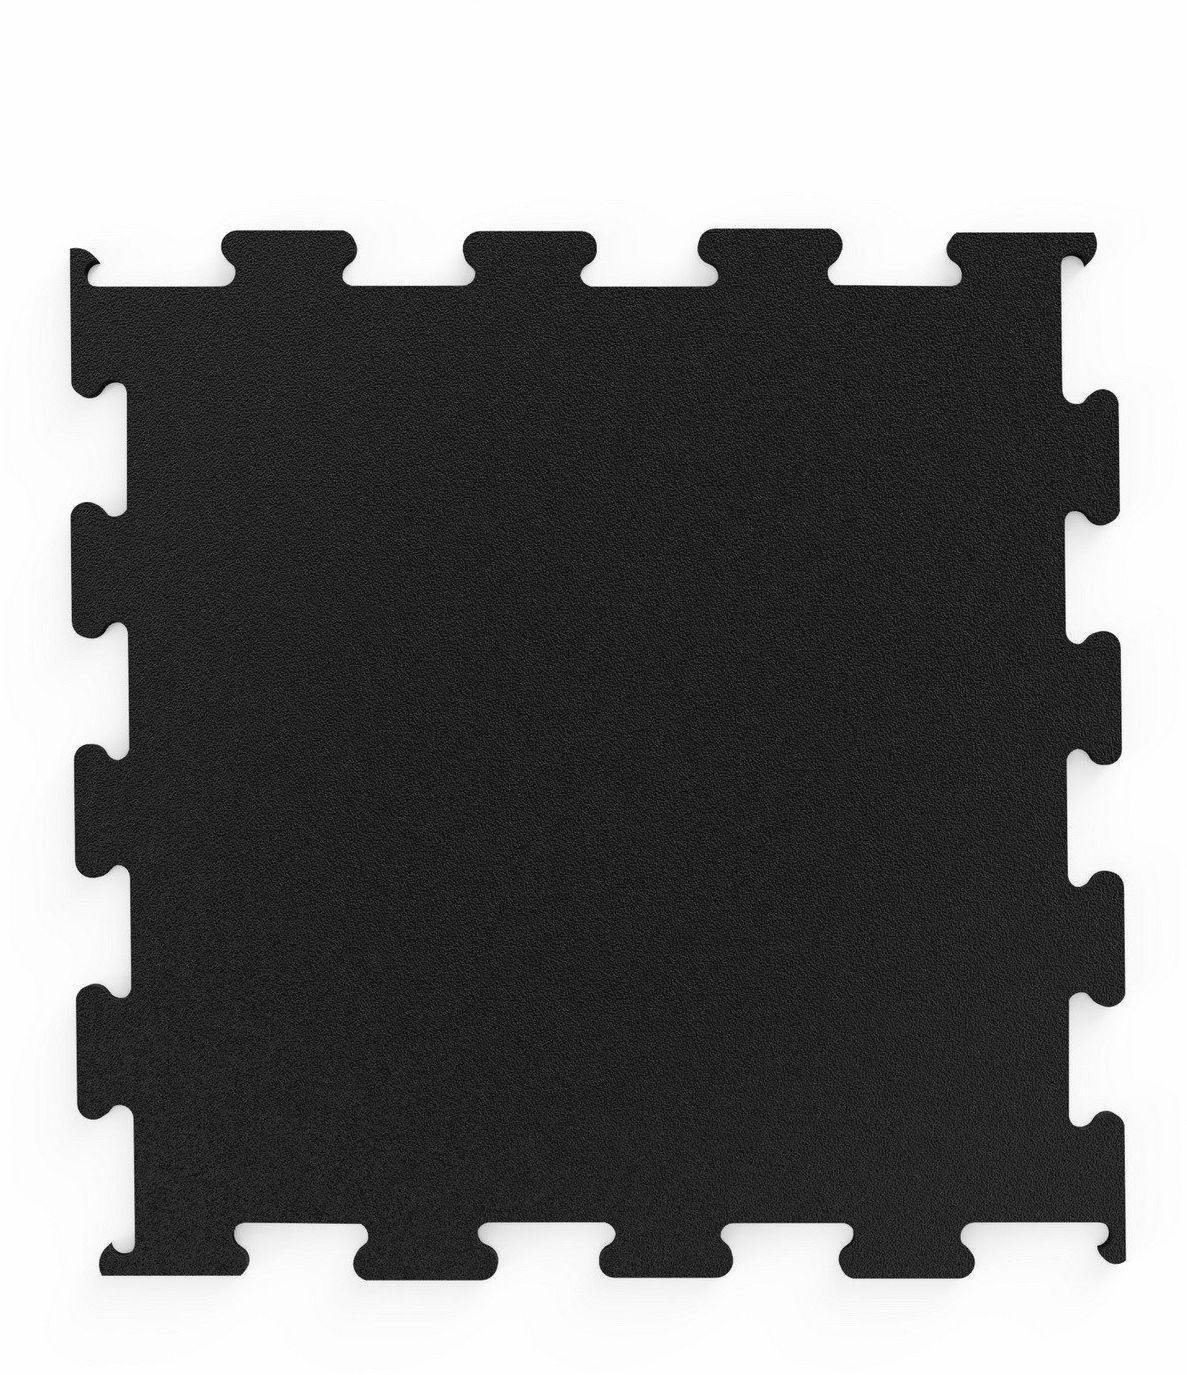 Profesjonalna podłoga pod wolne ciężary puzzle czarna - Marbo Sport